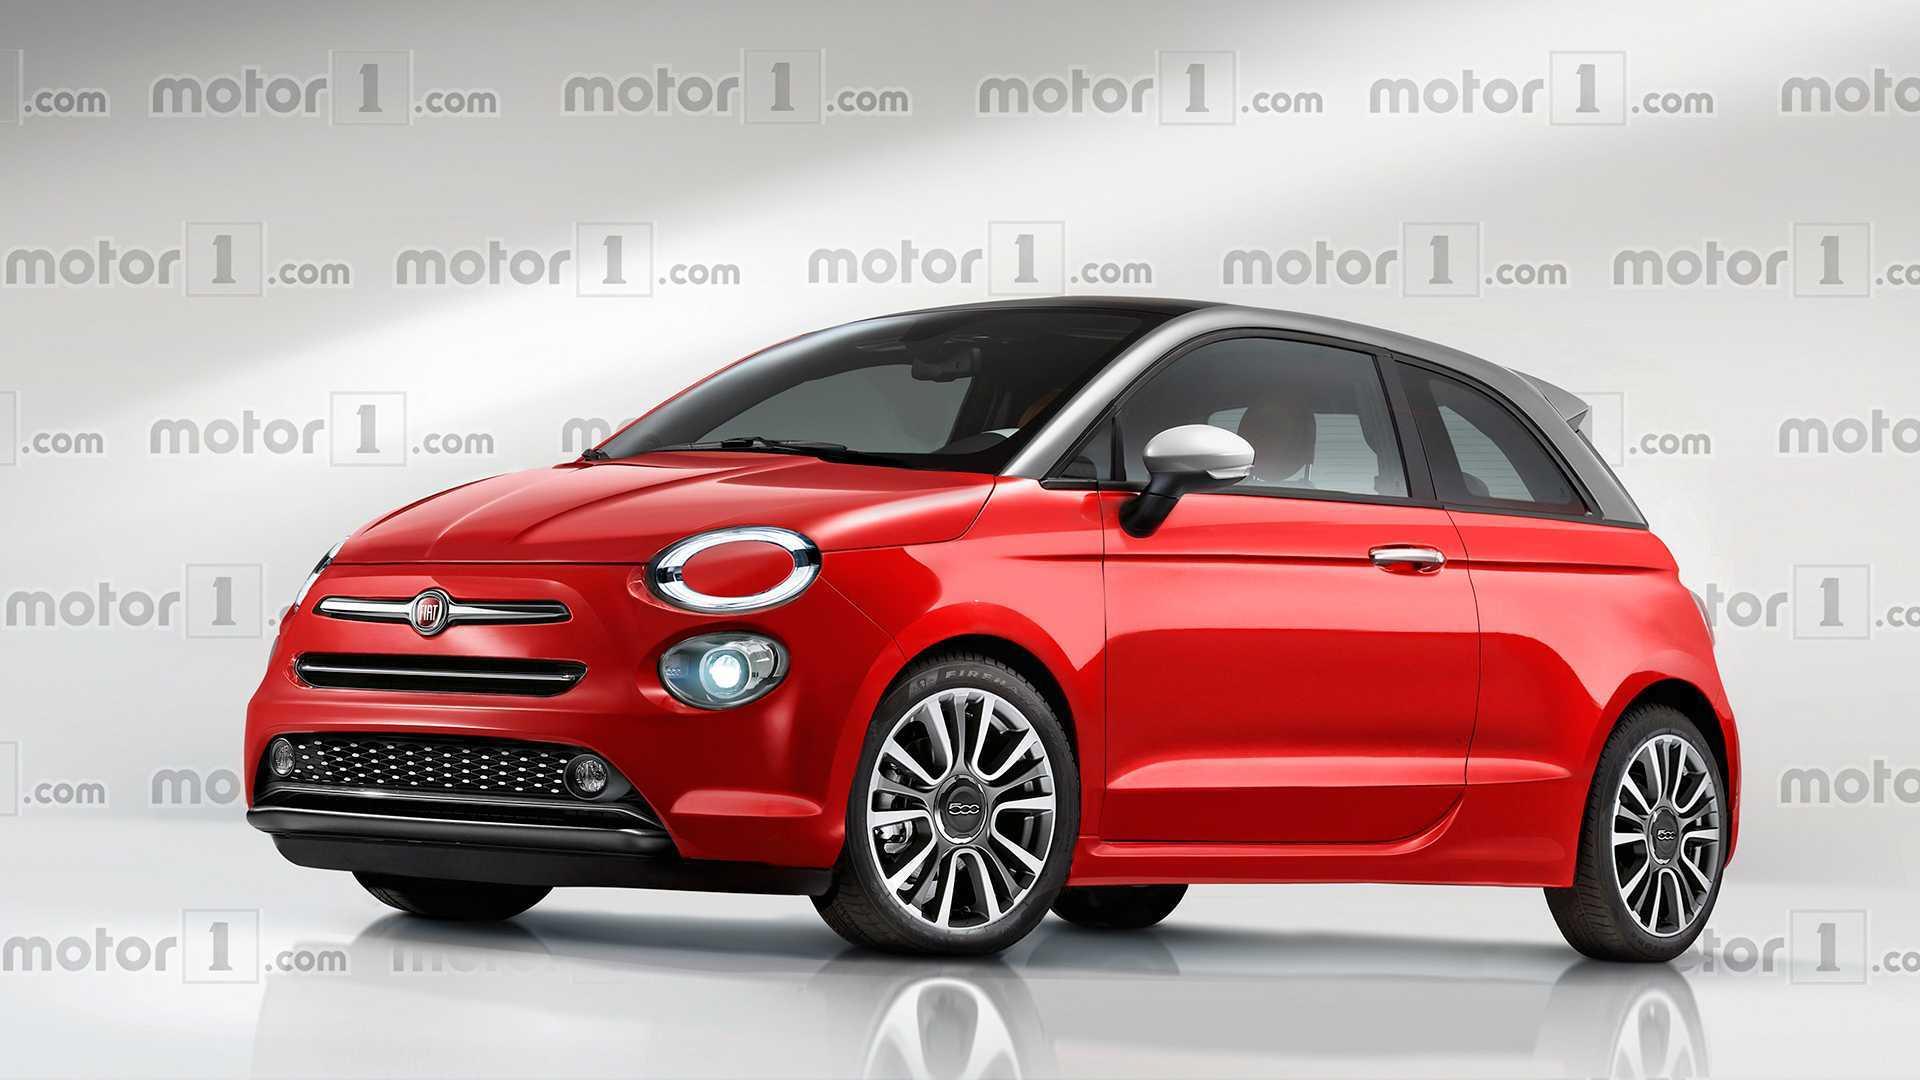 La Nuova Fiat 500 Sara Solo Elettrica E Costera 30 000 Euro